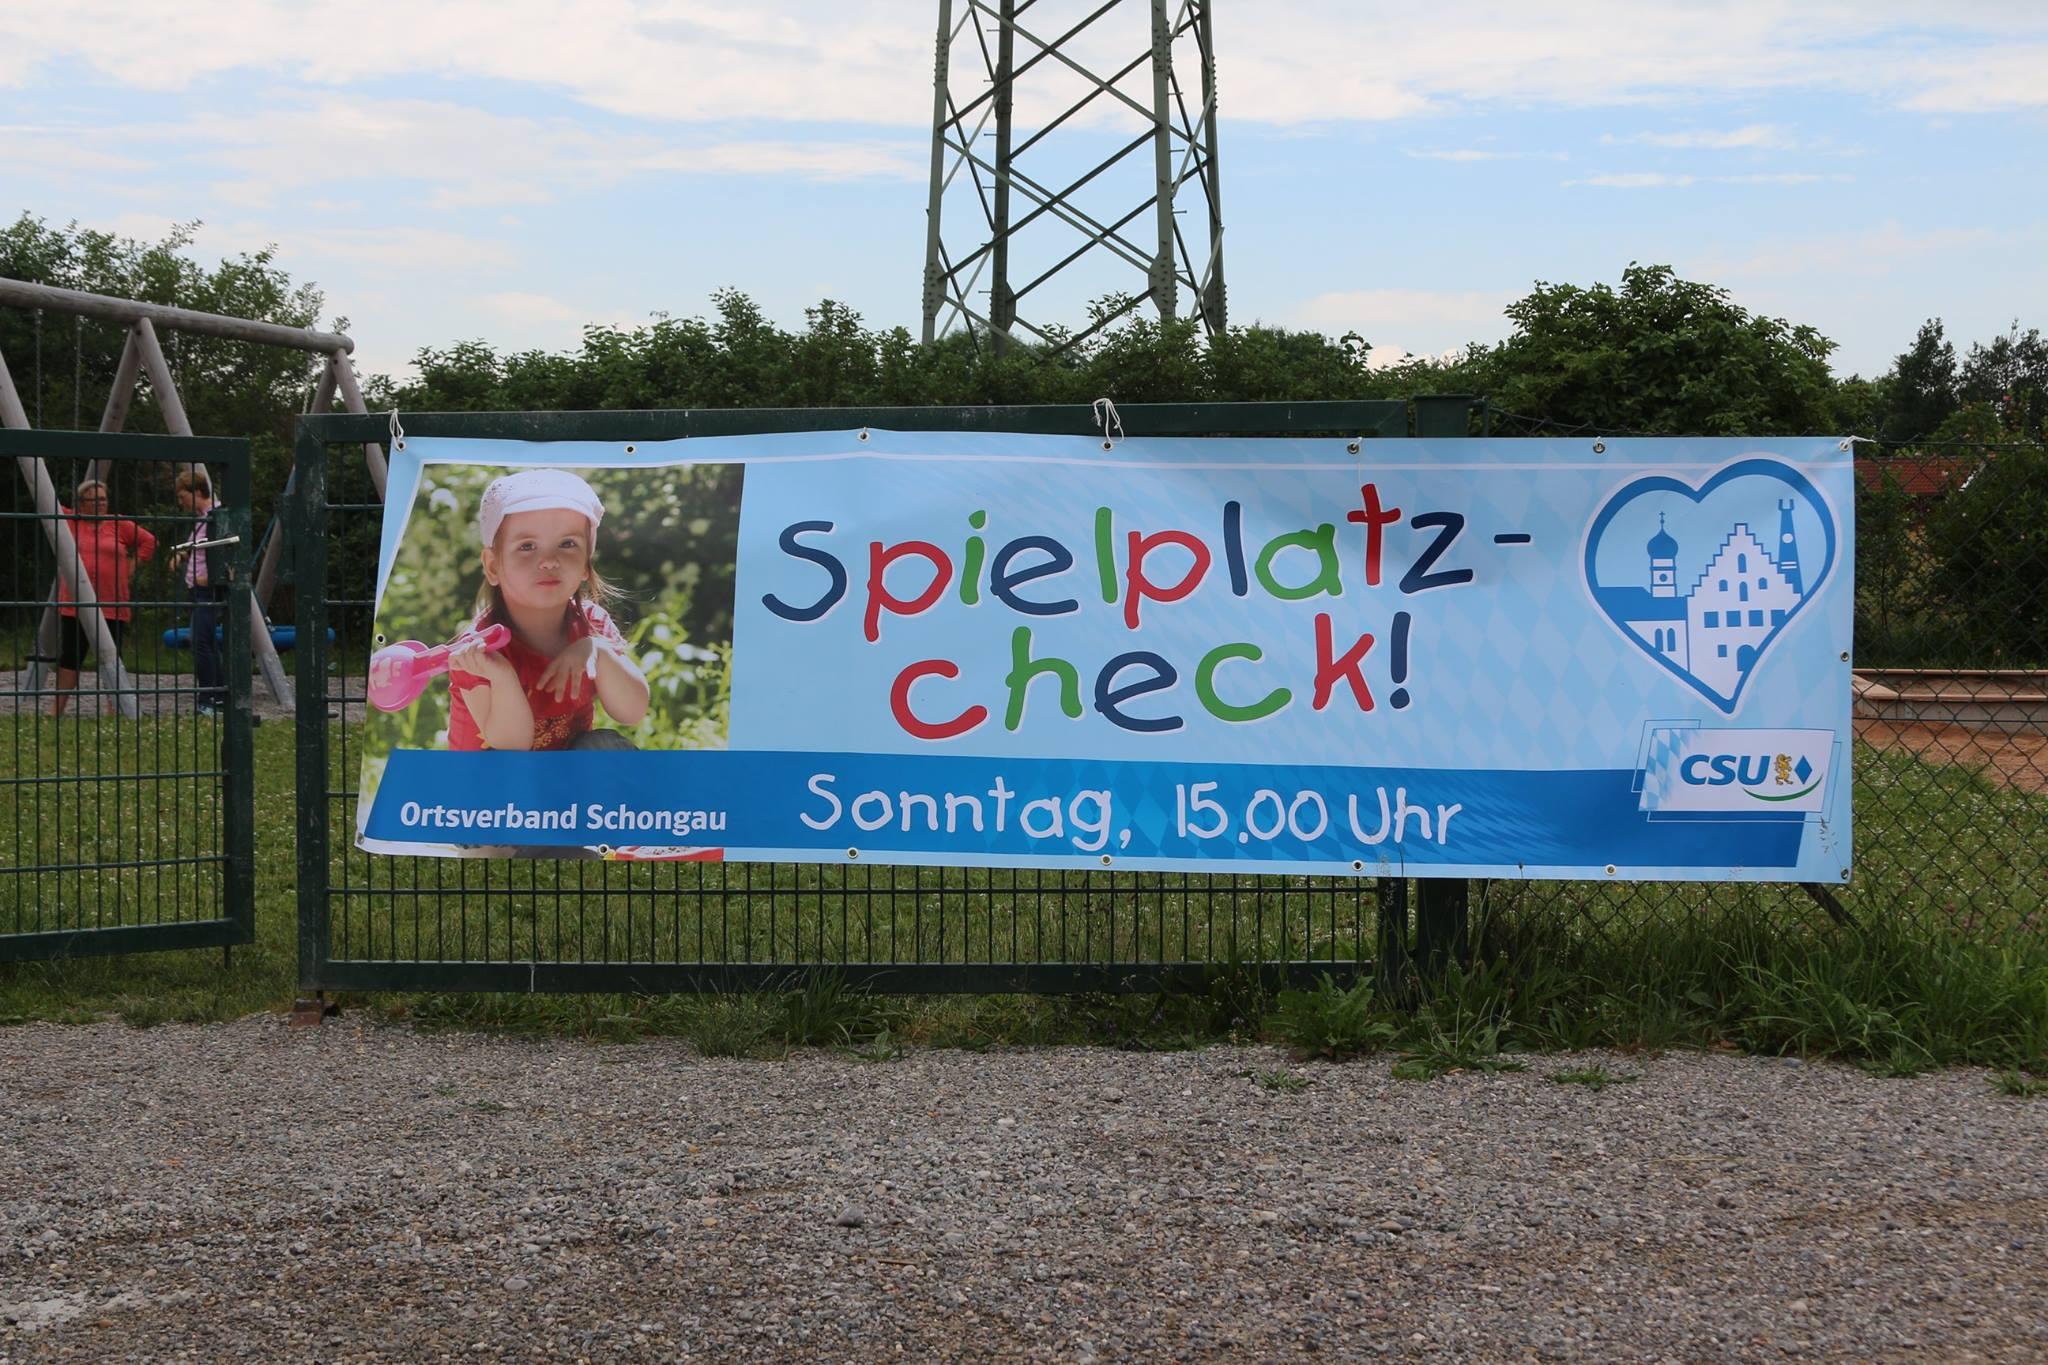 Spielplatz Check Carl-Orff-Straße